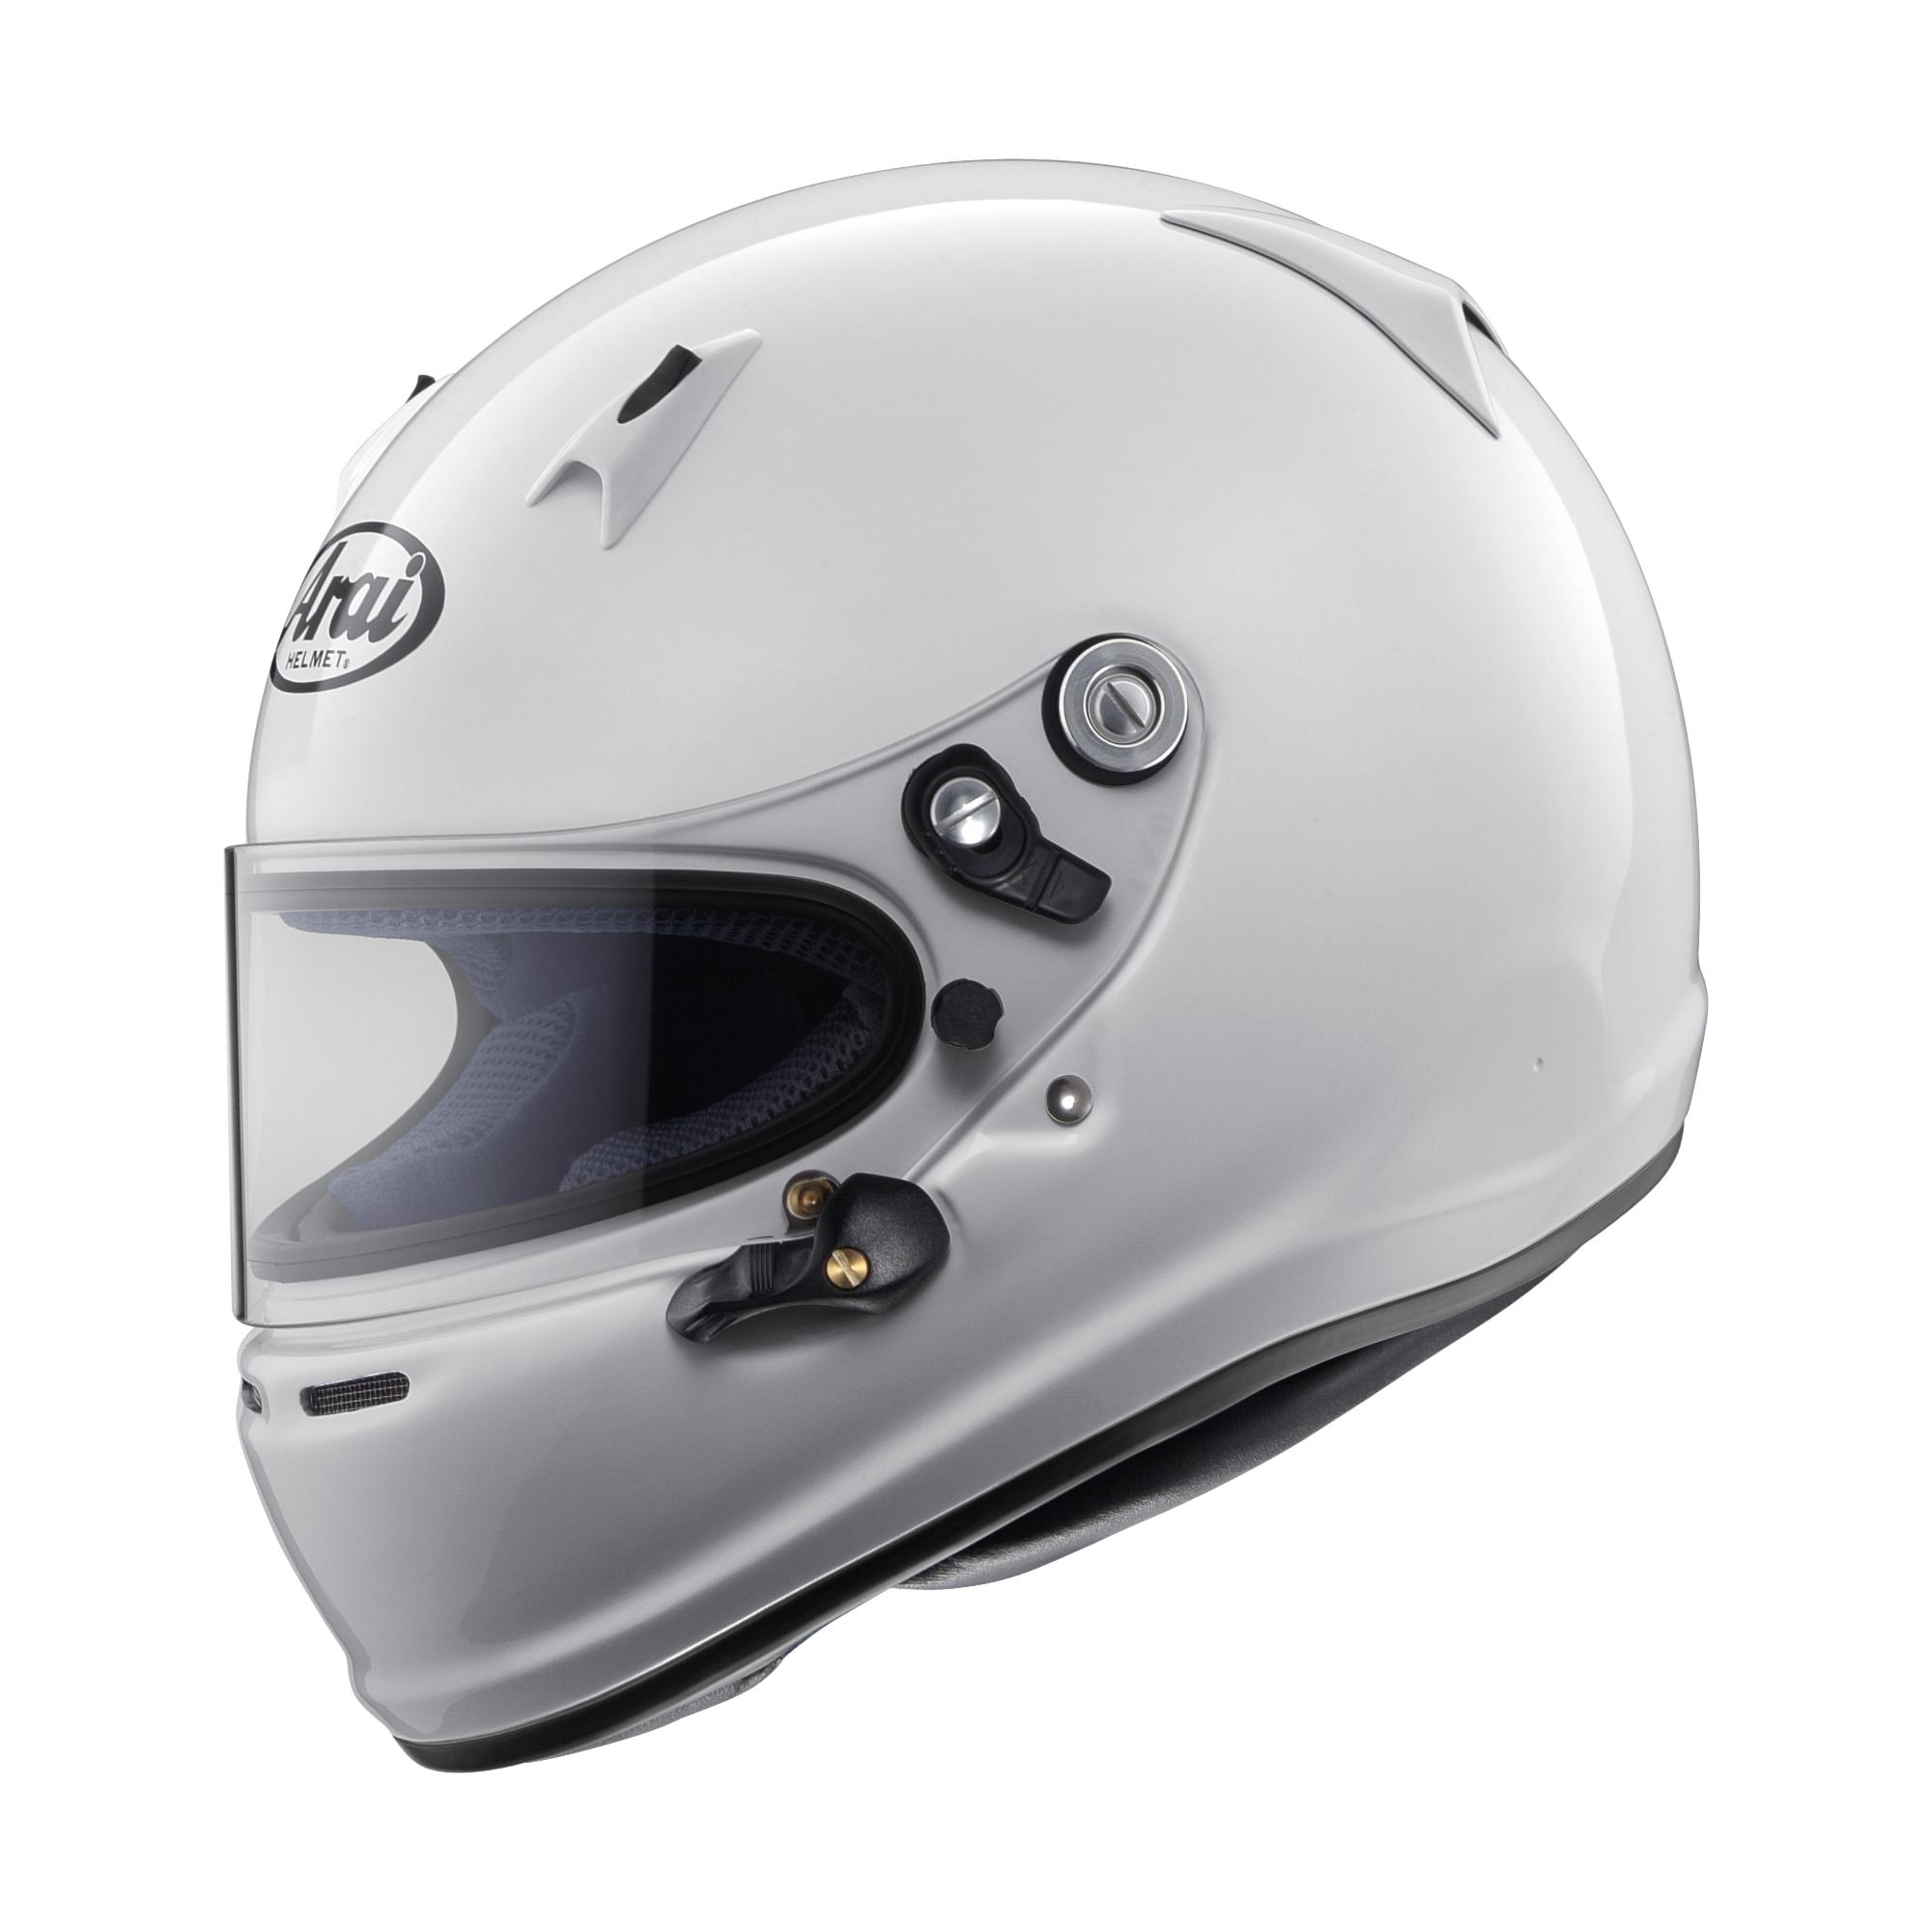 Arai Helmet 685311143532 Helmet, SK-6, Snell K 2015, White, X-Small, Each